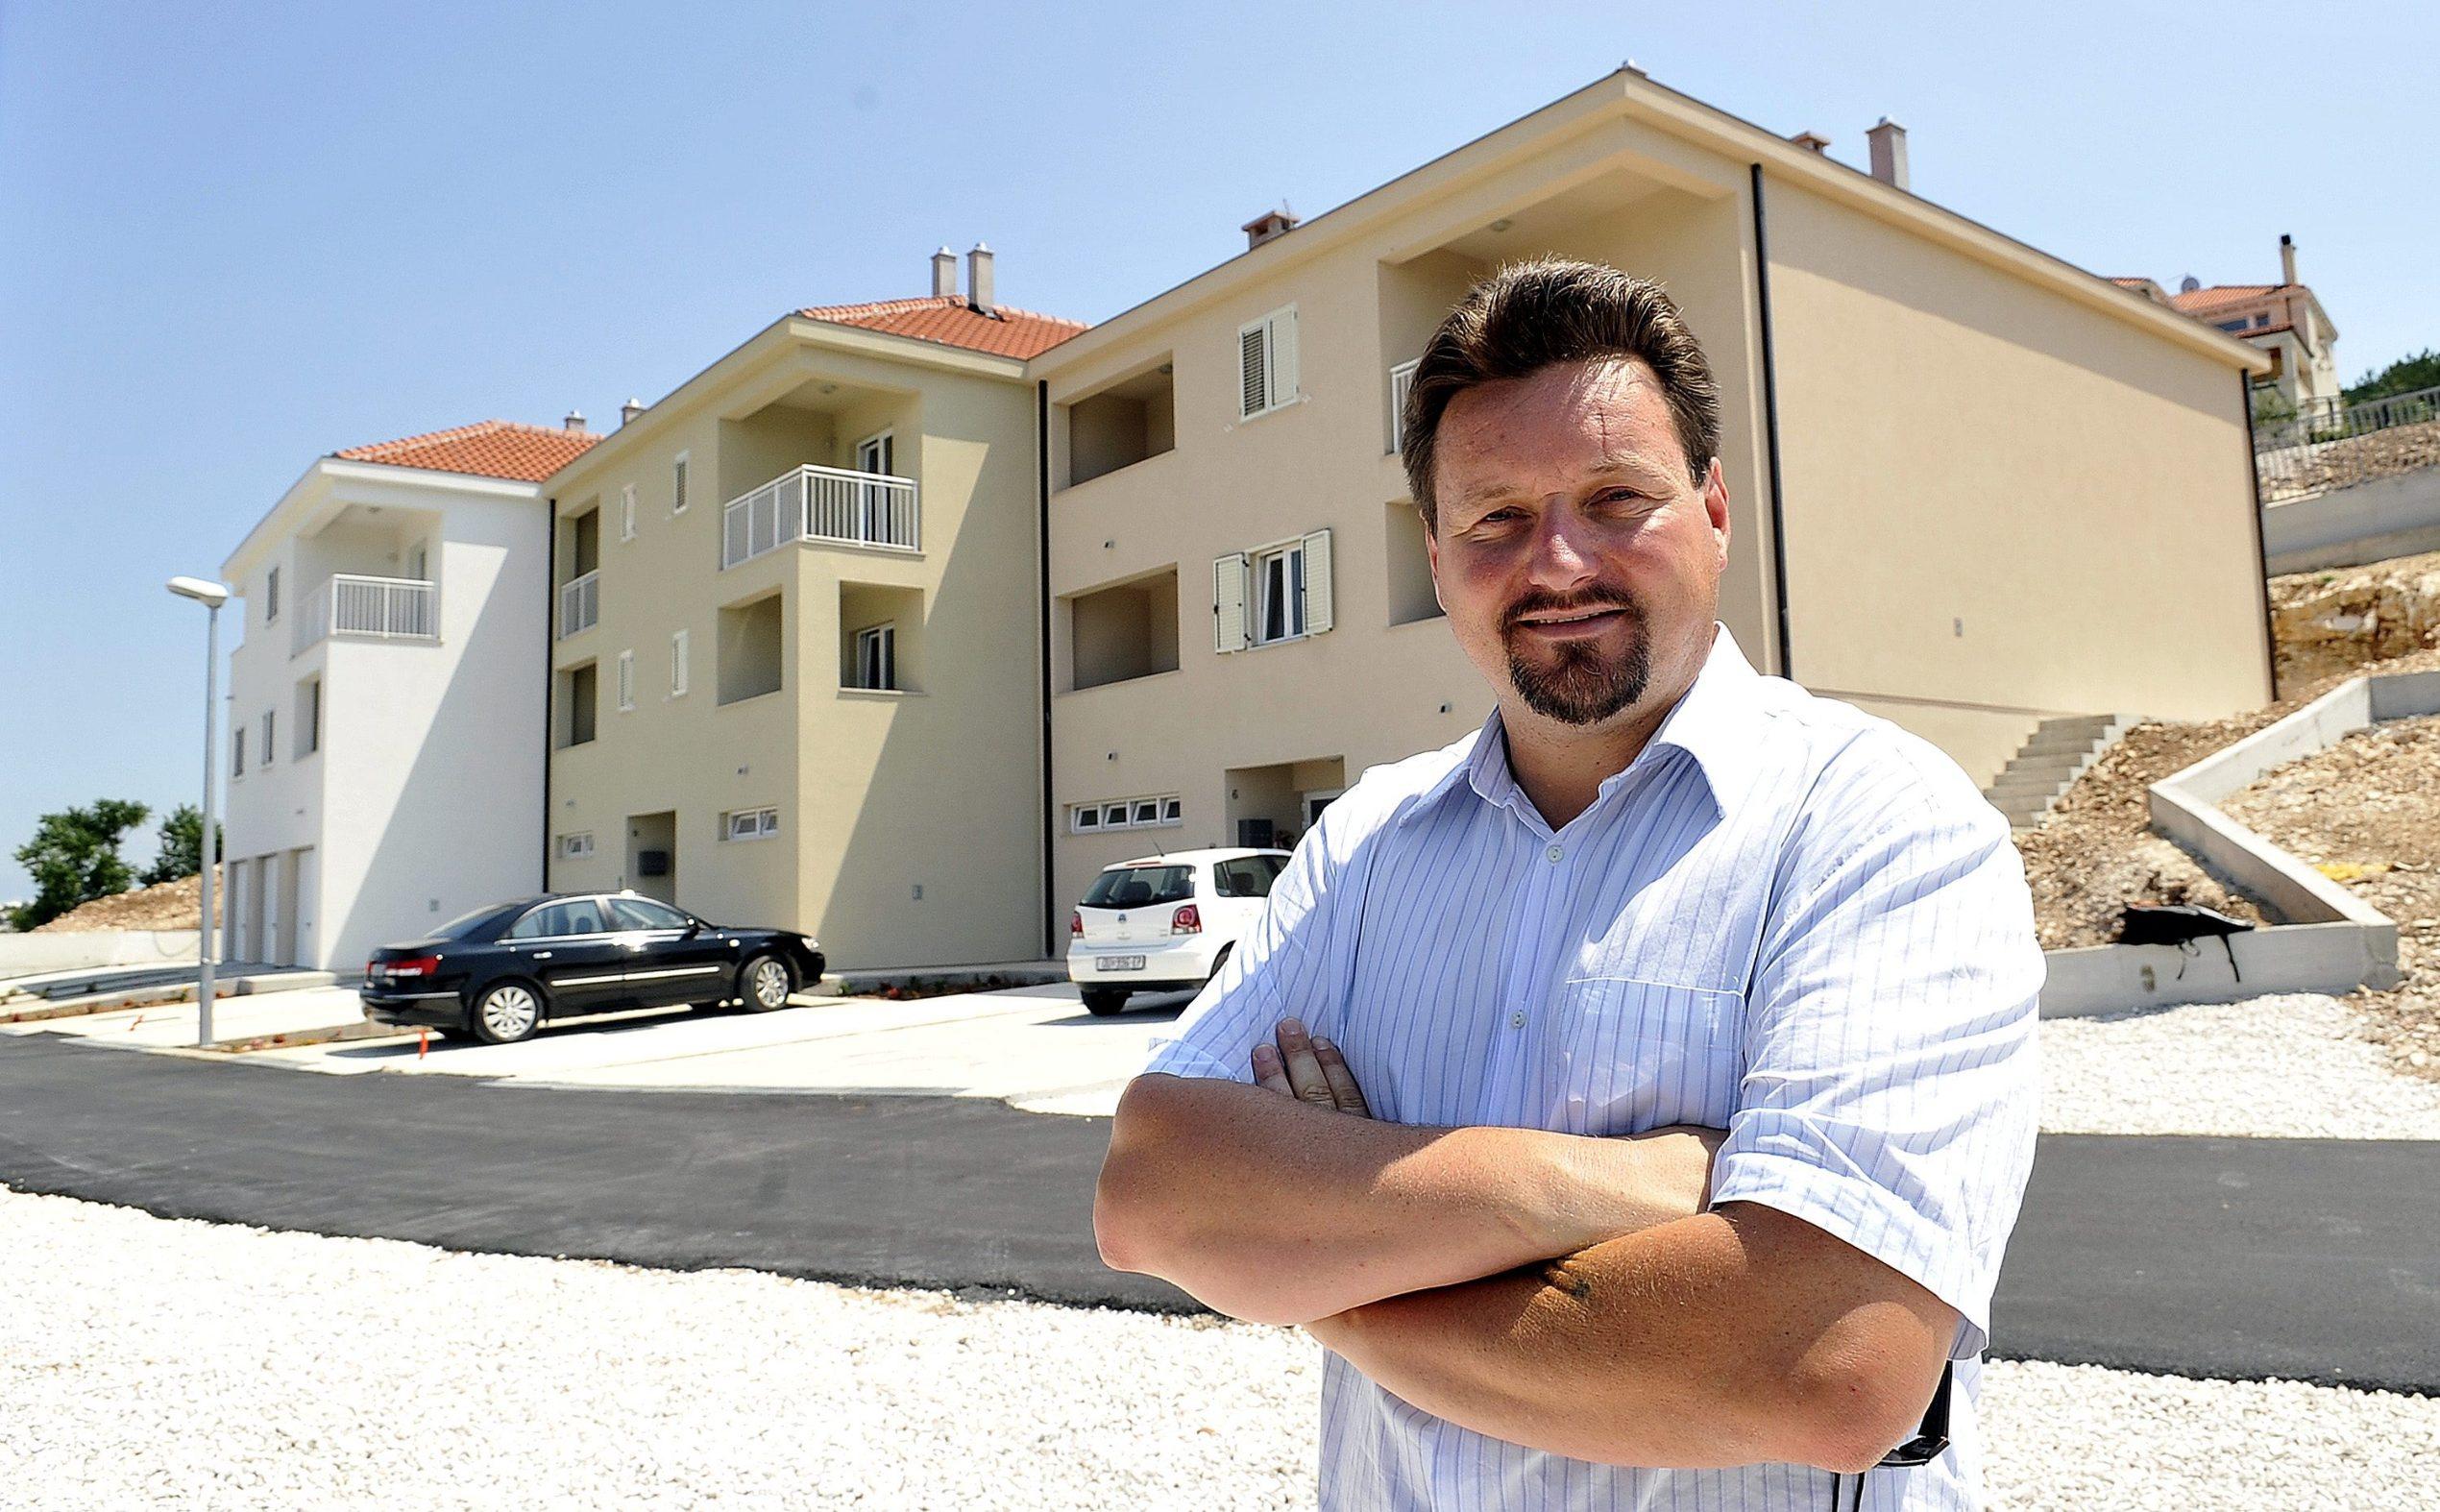 Lovro Kuščević ispred zgrada sa stanovima iz sustava POS (2010.)